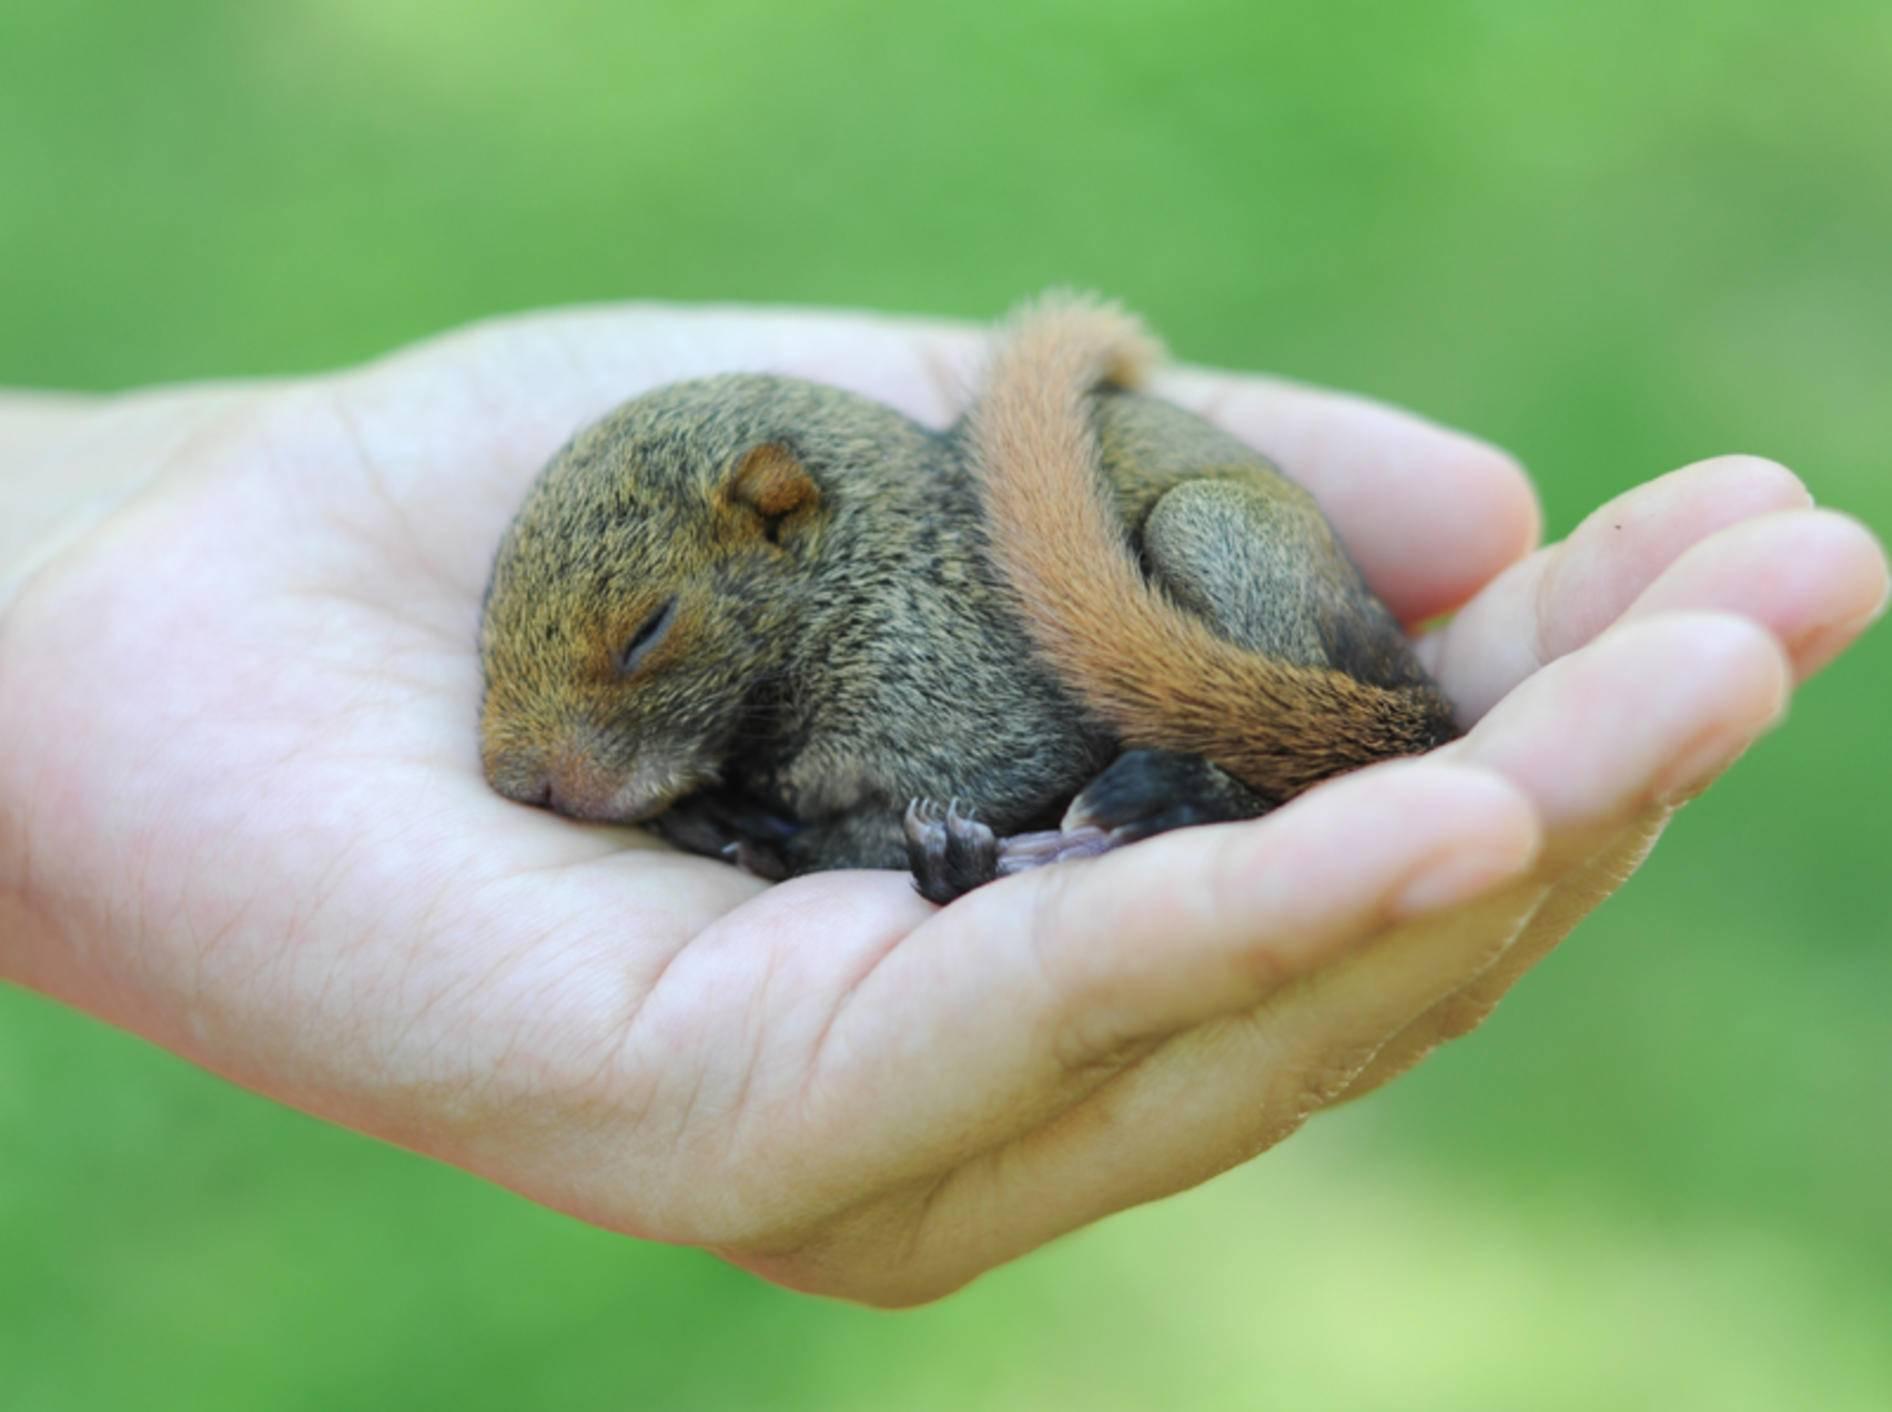 Baby-Eichhörnchen suchen im Notfall oft menschliche Nähe – Shutterstock / Boykung